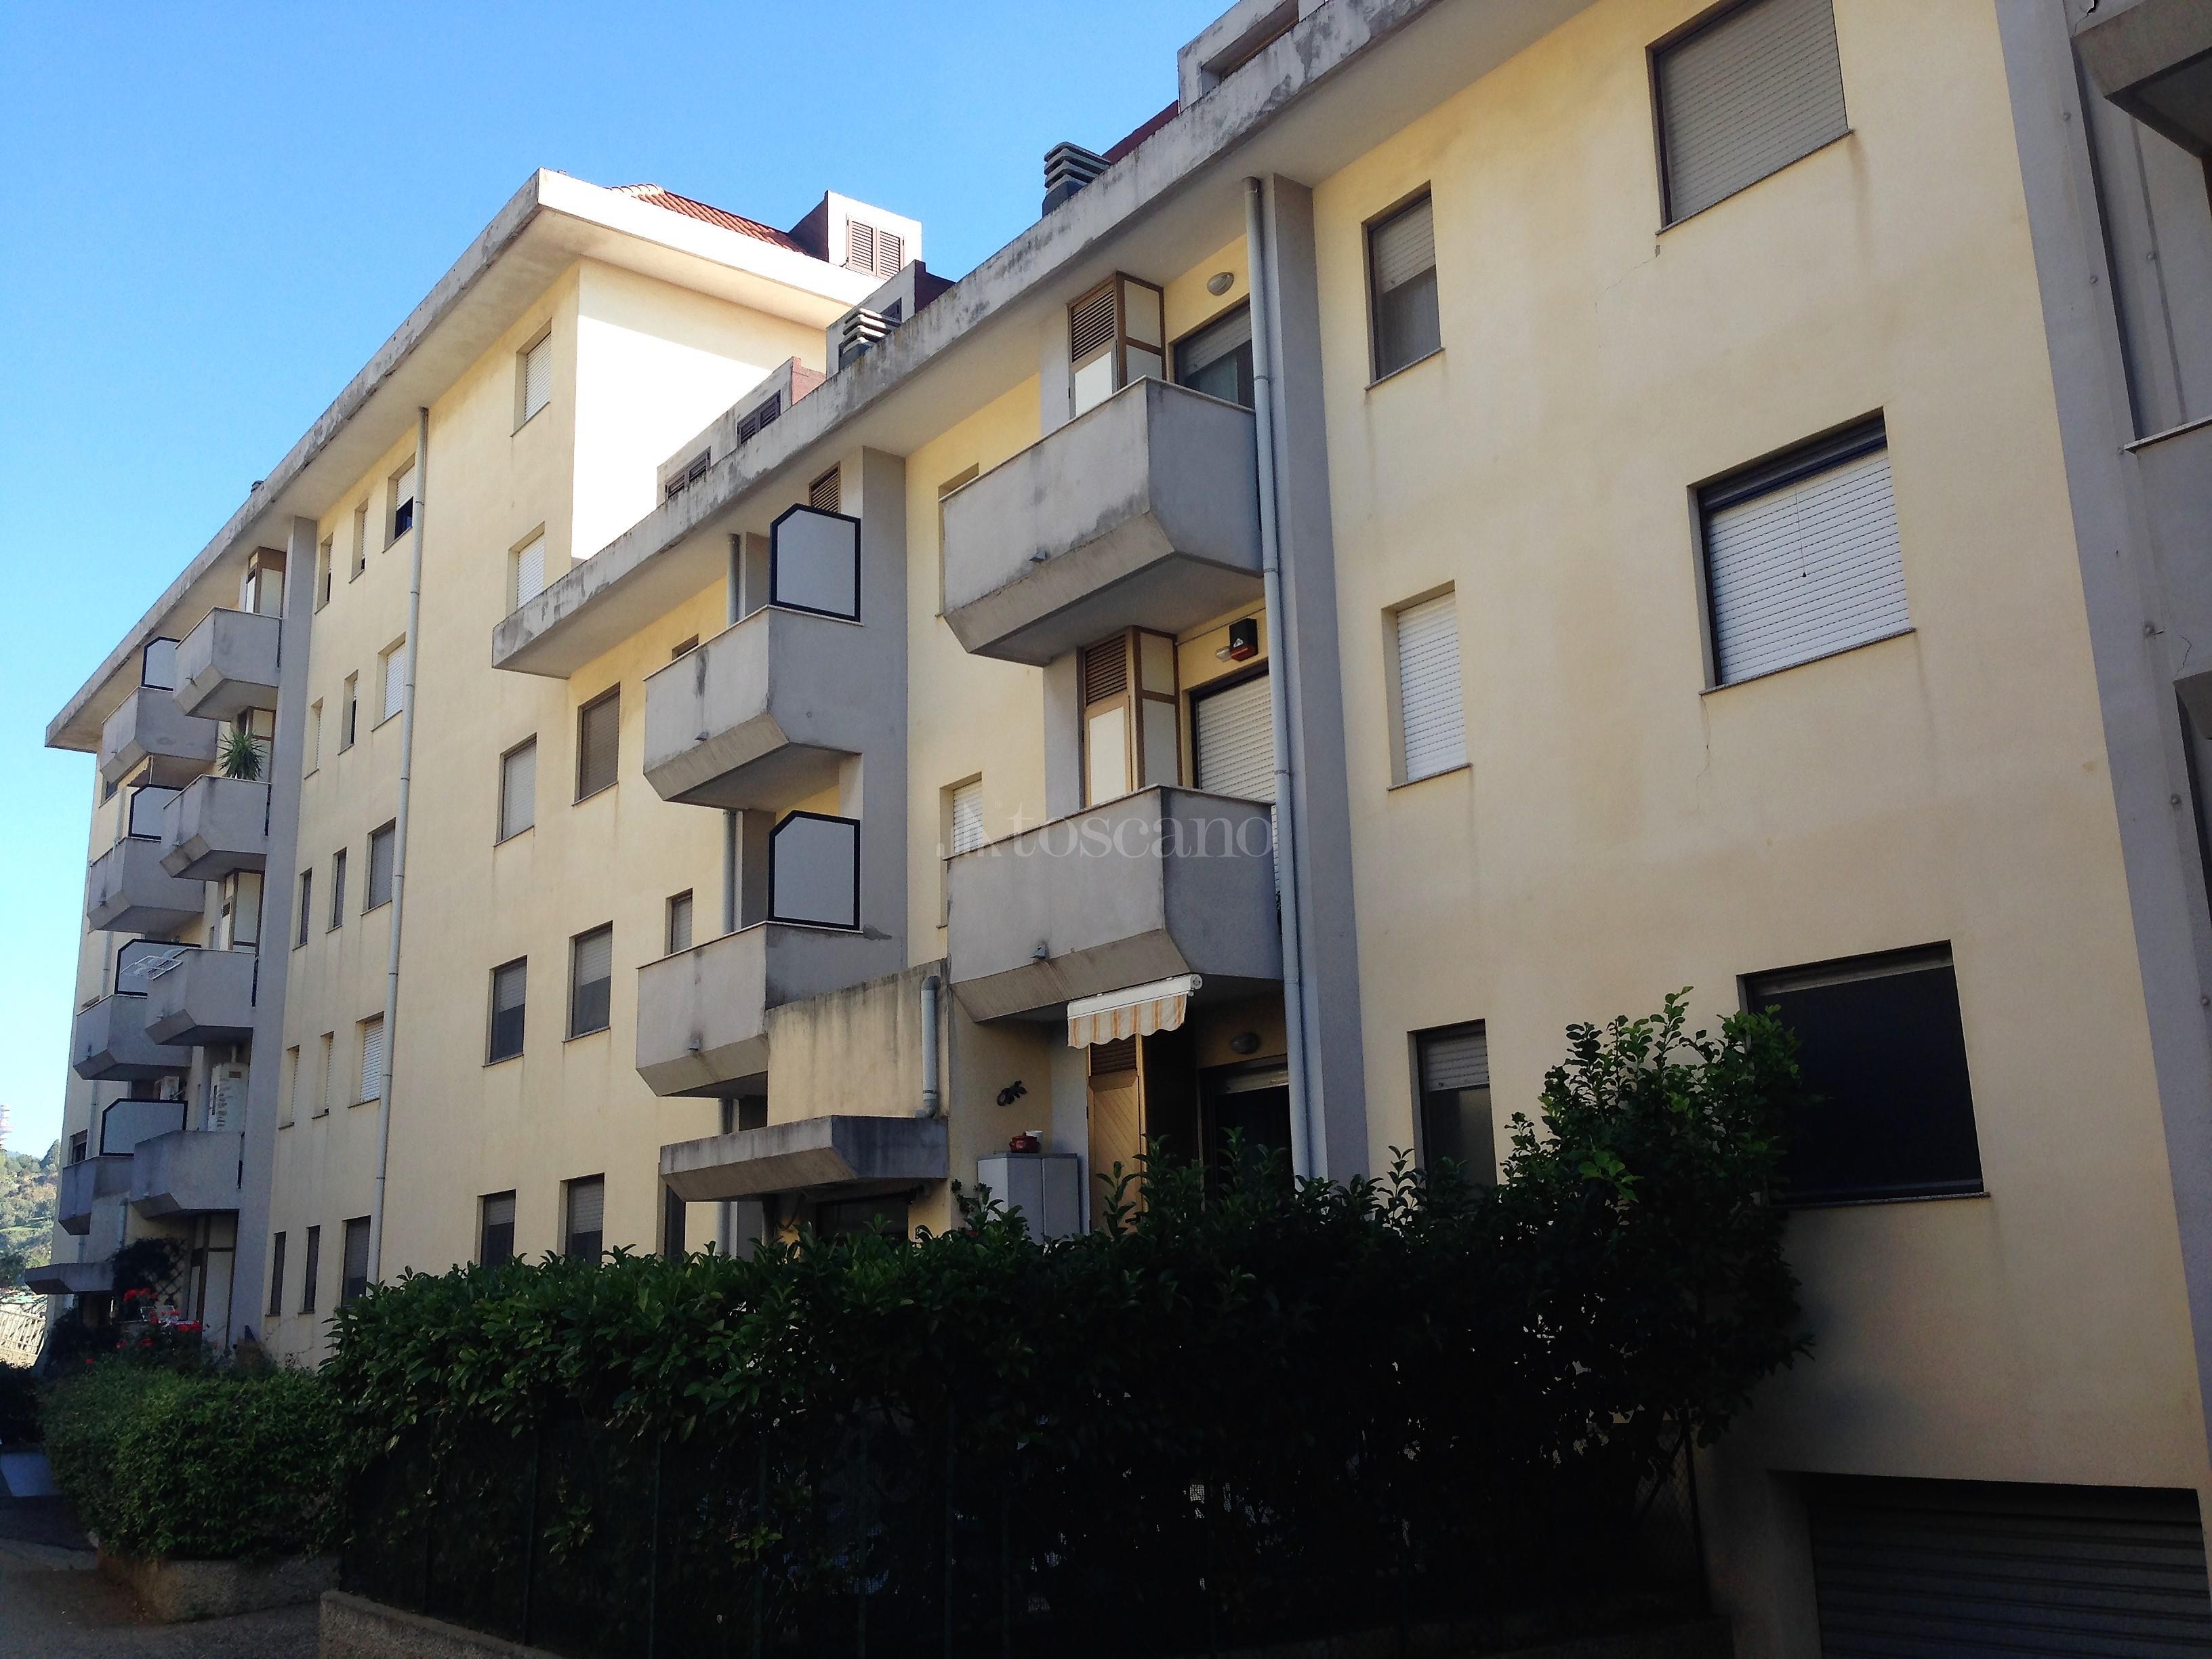 Vendita casa a catanzaro in via g gariani piano casa 216 for Piani casa netti zero